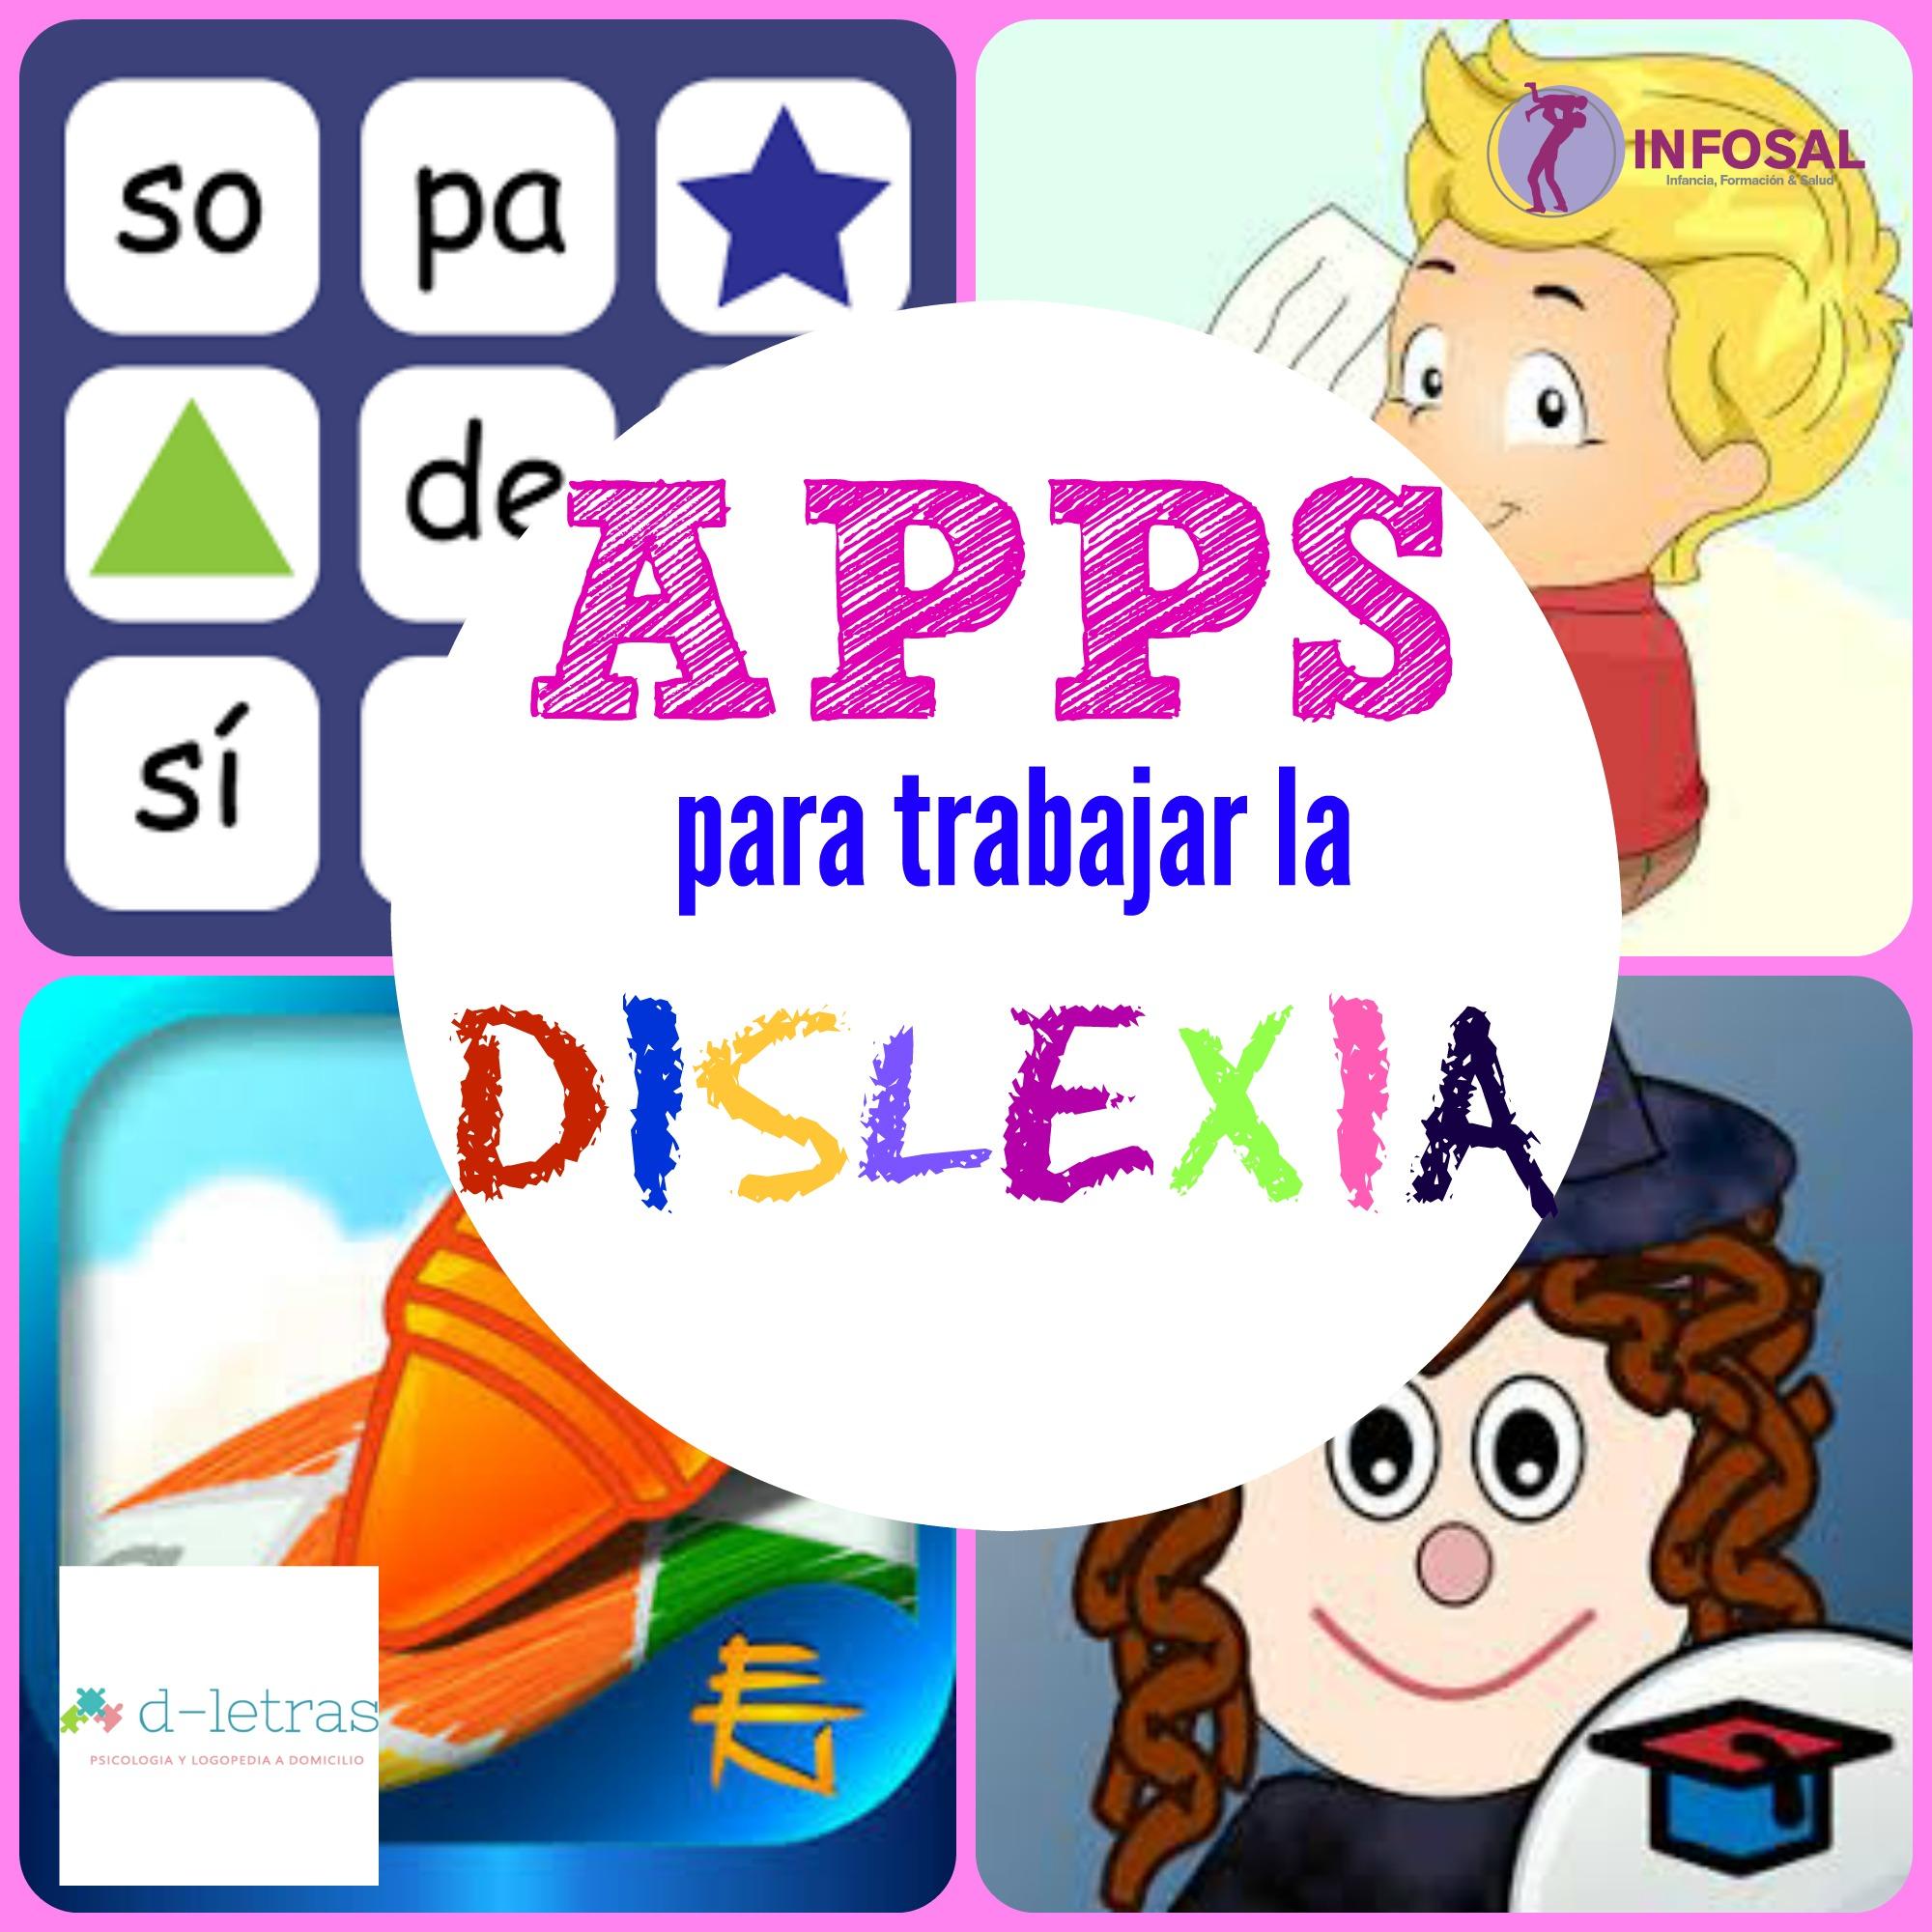 Resultado de imagen de apps para trabajar la dislexia